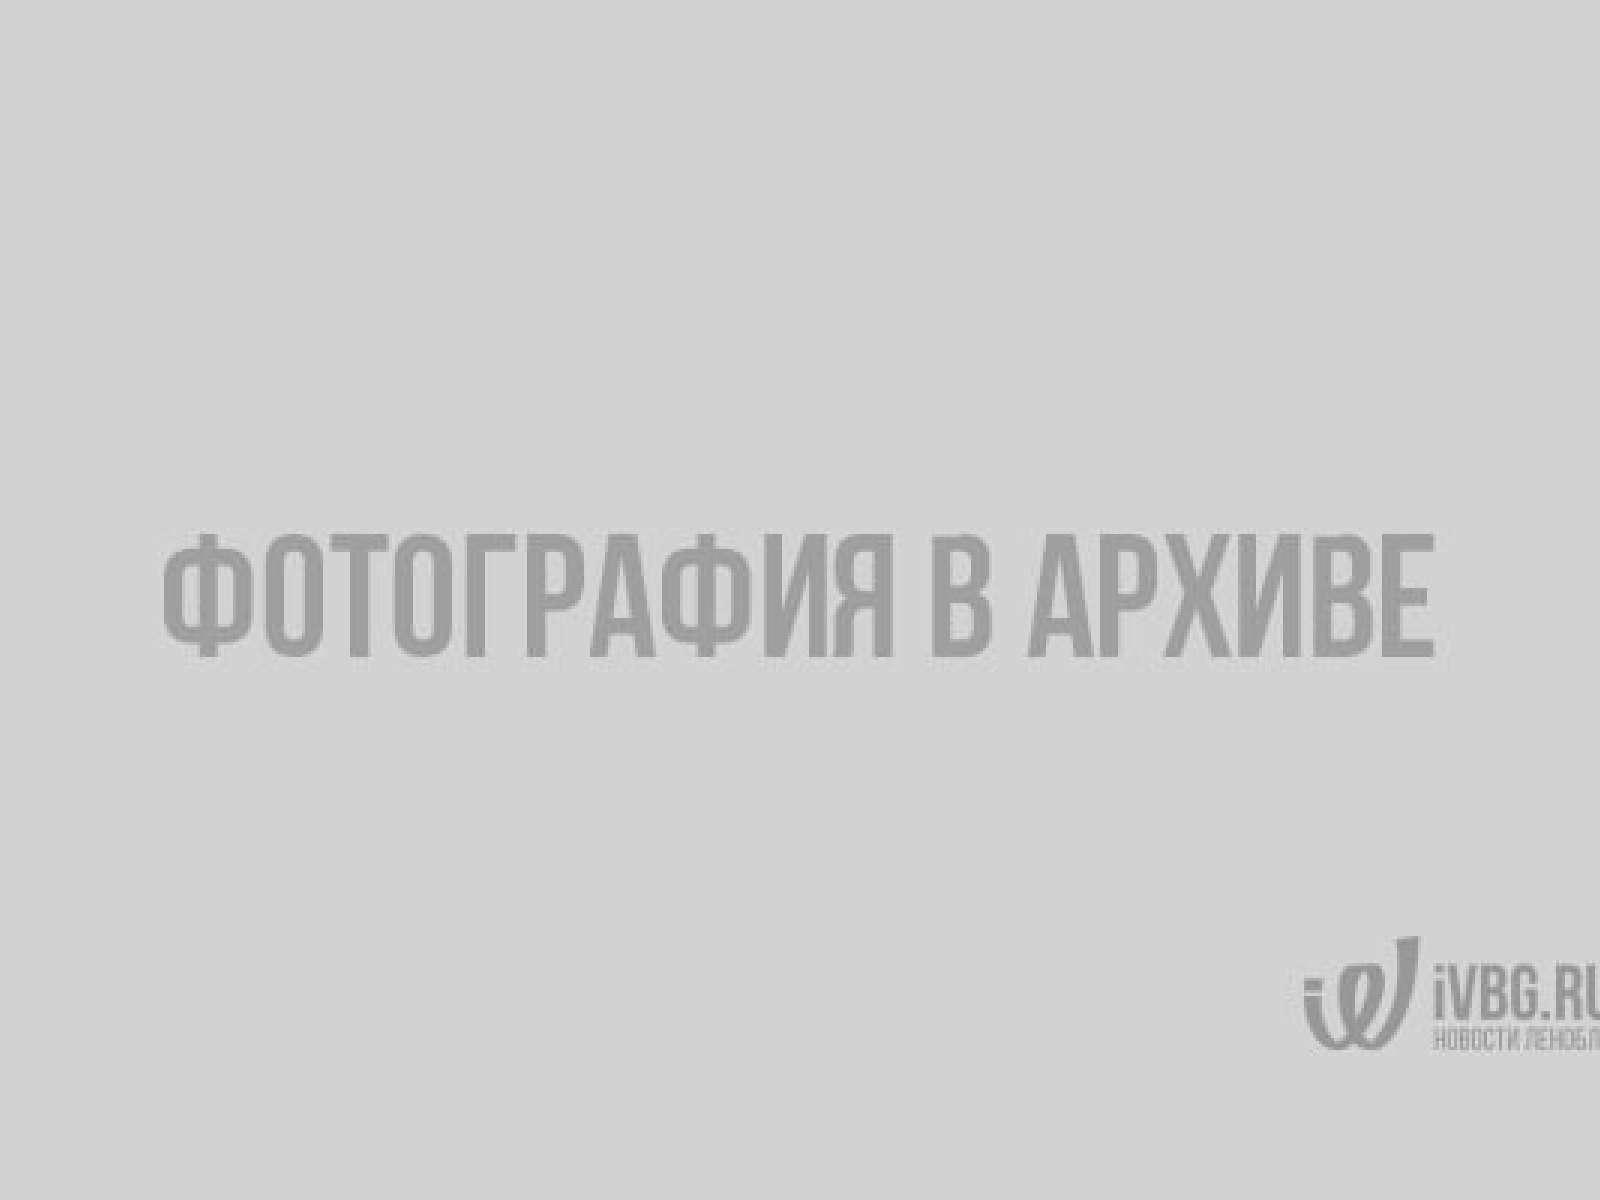 Ночью спасатели вывели из леса около деревни Черноушево заблудившуюся женщину Ленобласть, заблудилась в лесу, Волховский район, аварийно-спасательная служба Ленобласти